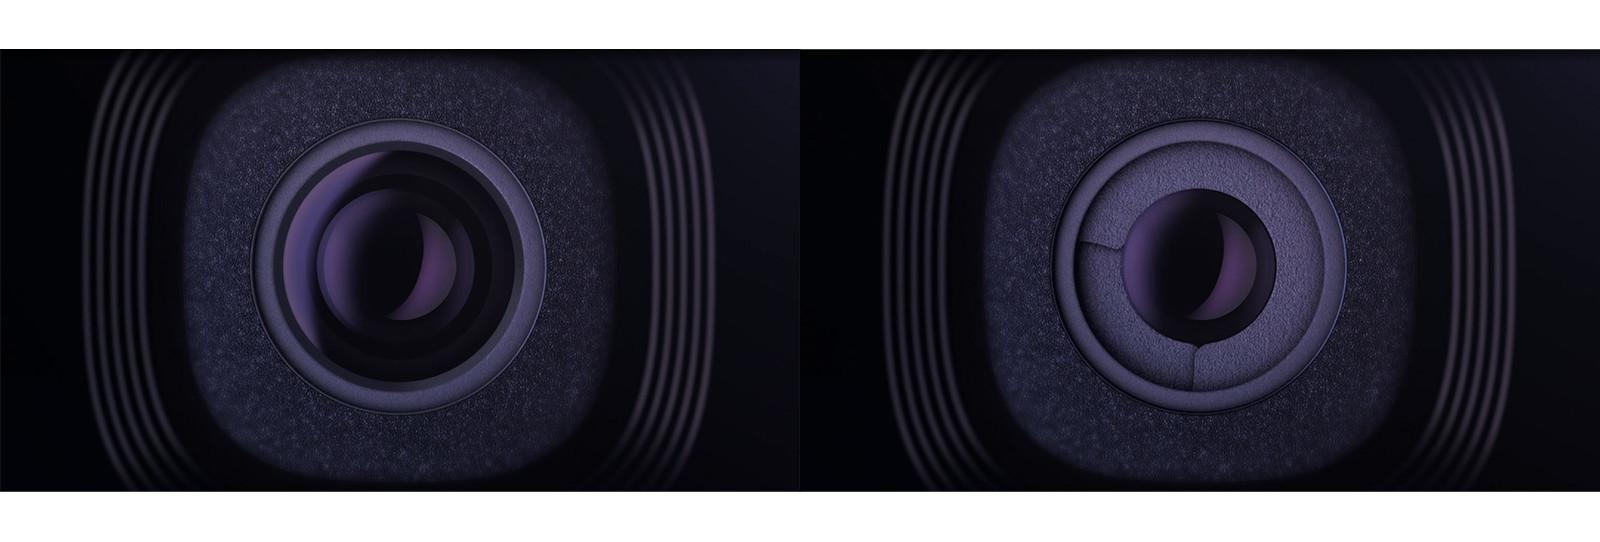 دوربین گلکسی اس 9 در شرایط نوری ضعیف